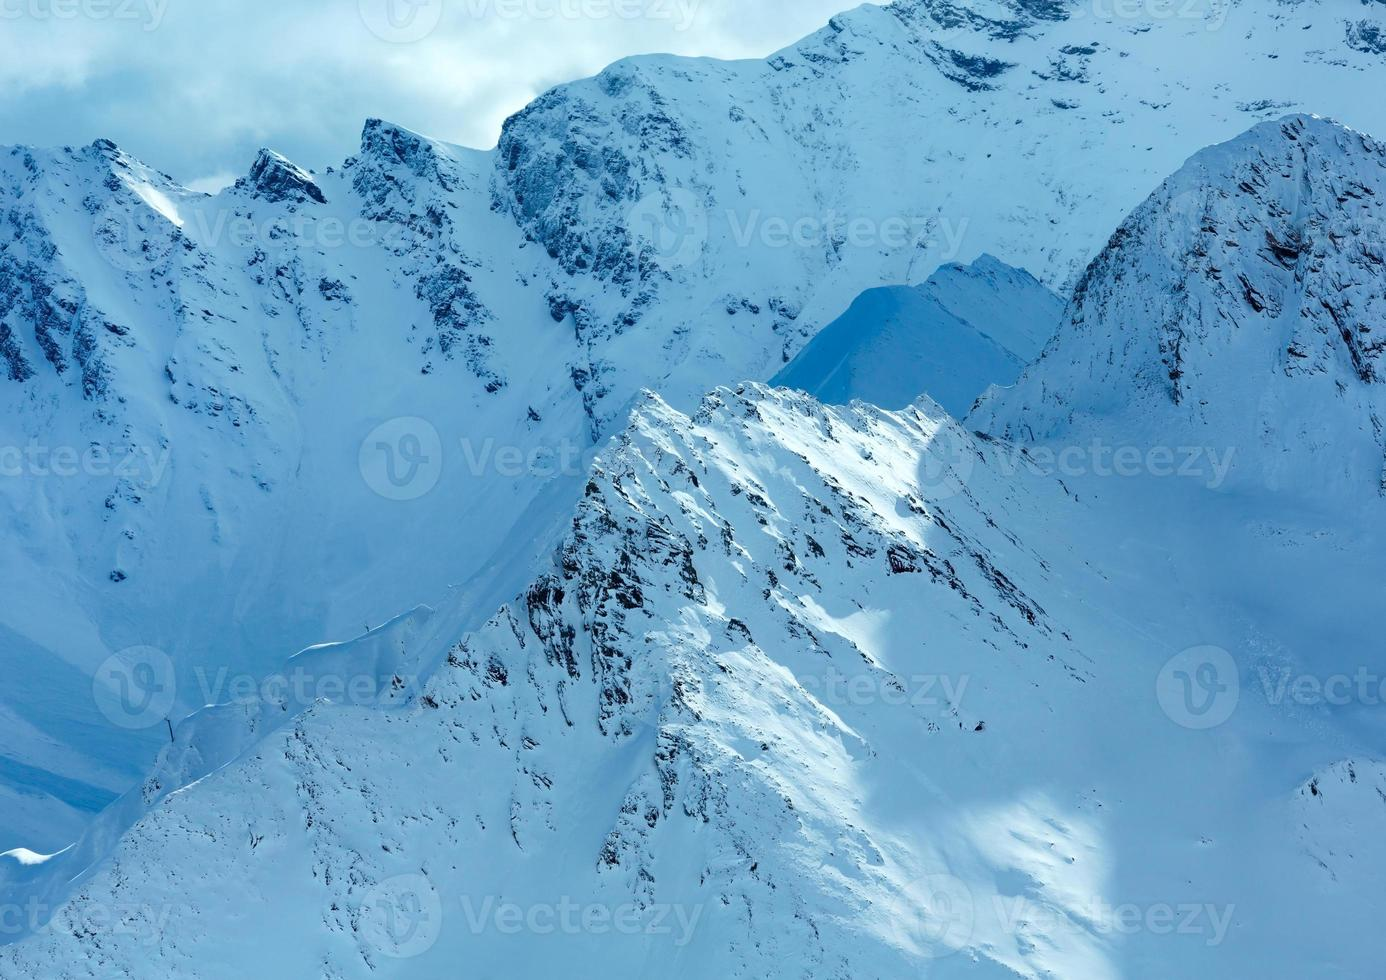 silvretta alpen winter uitzicht (oostenrijk). foto